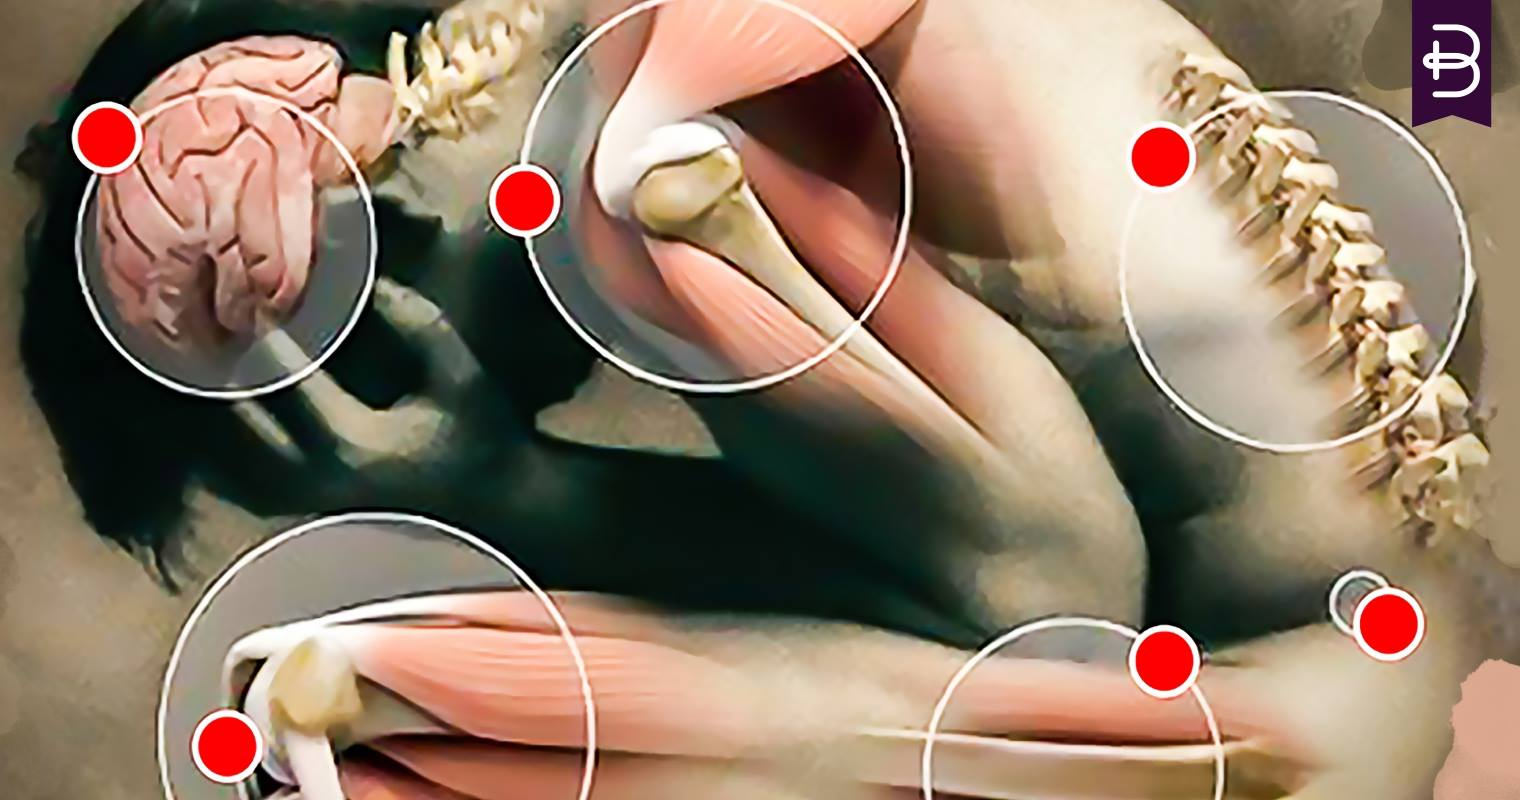 Секс и хронические мышечные блоки